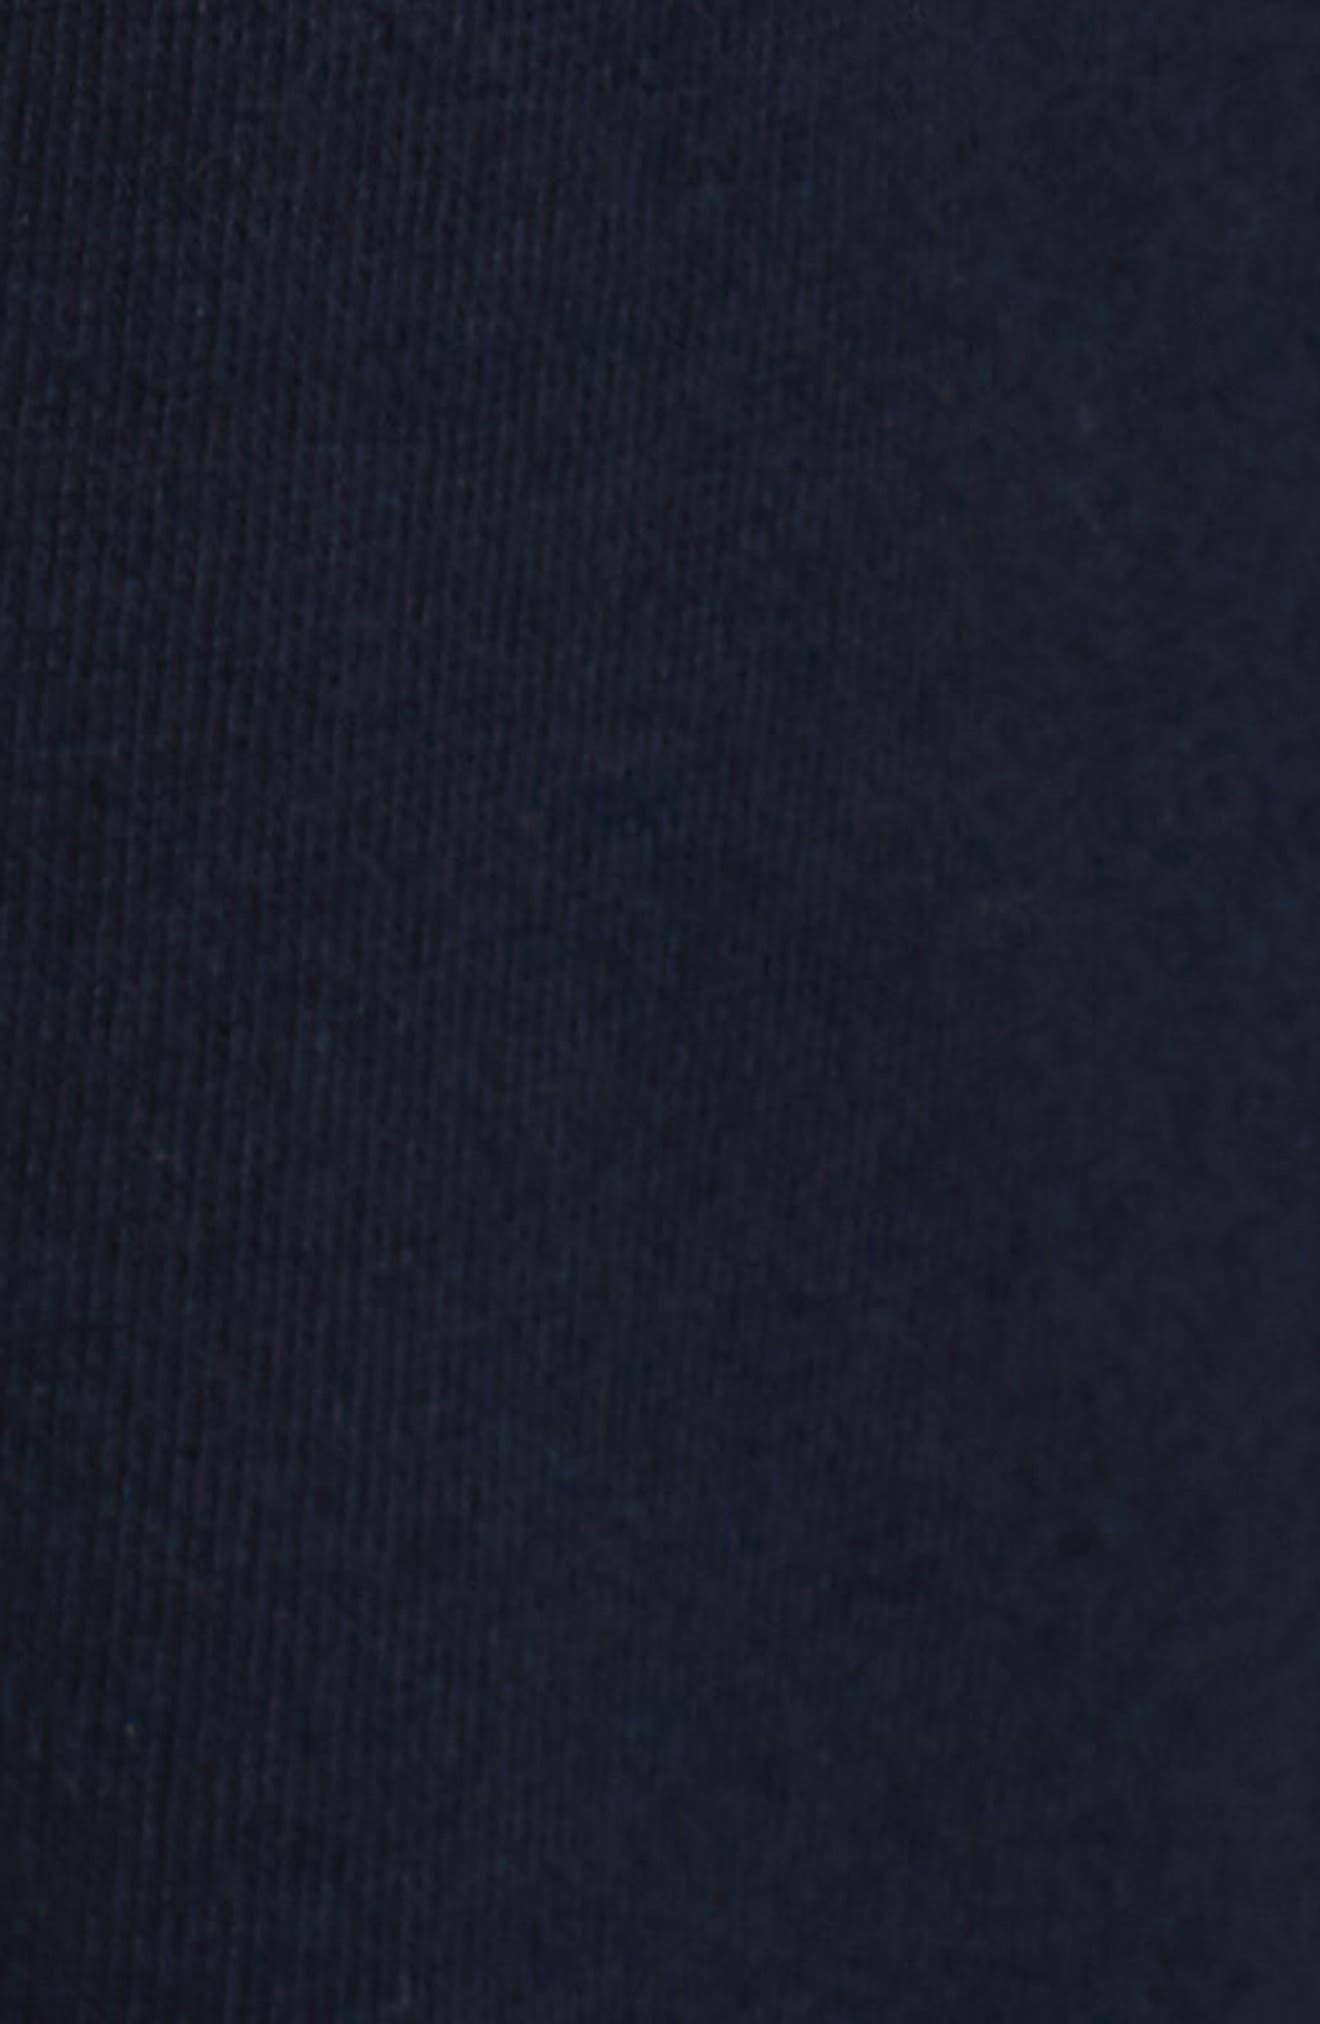 Stripe Lounge Pants,                             Alternate thumbnail 5, color,                             Navy Blazer